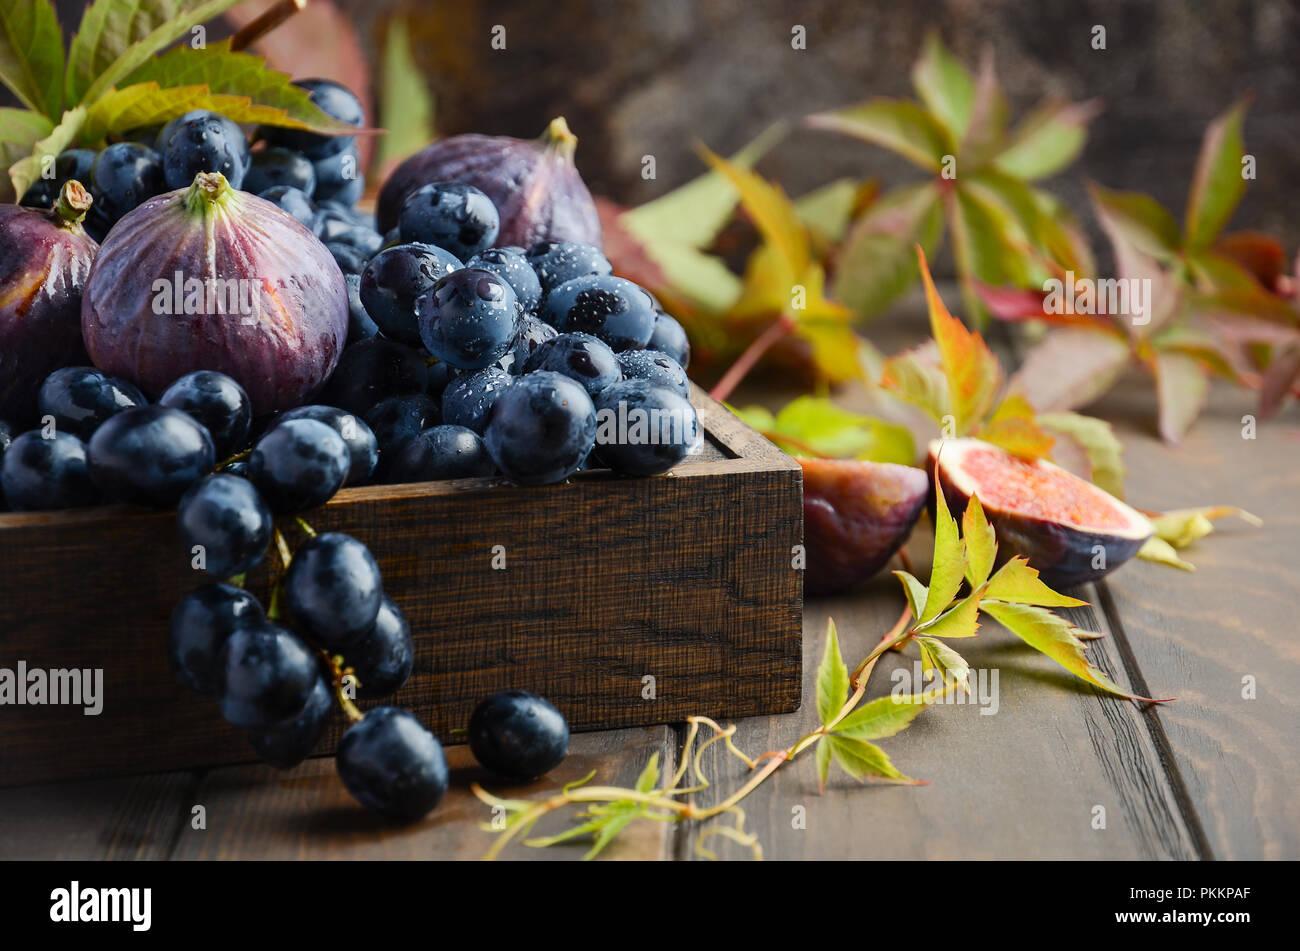 Les raisins noirs frais et figues dans le bac en bois sombre sur la table en bois, Selective focus Photo Stock